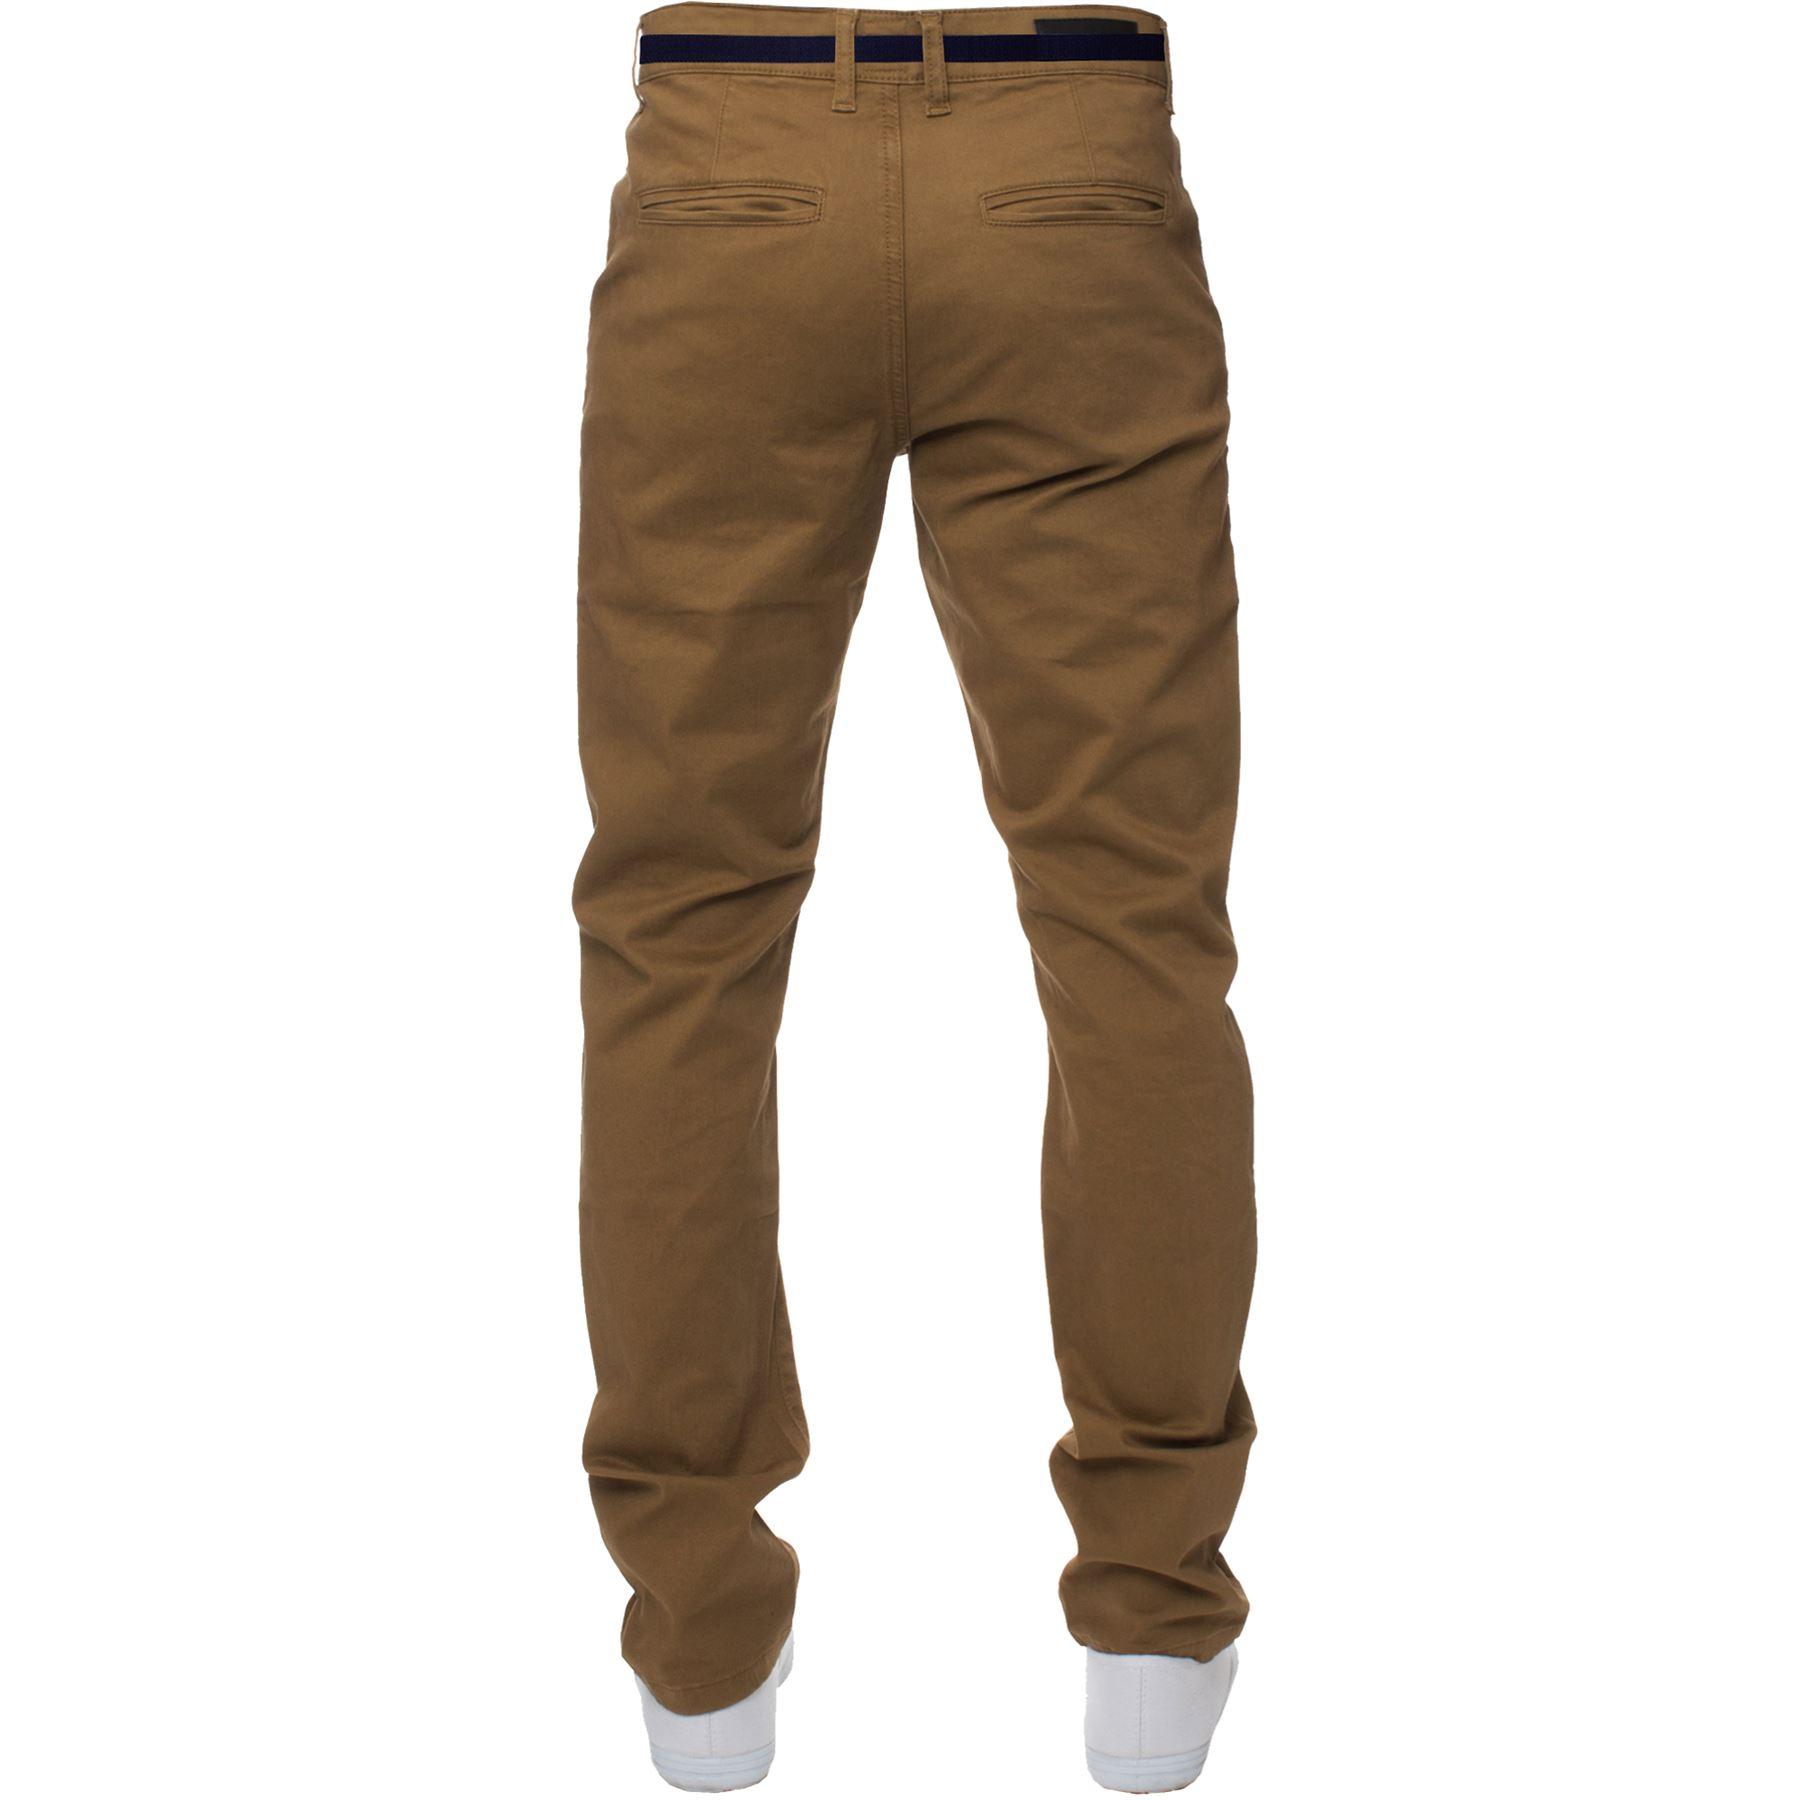 ENZO-Para-Hombres-Pantalones-Slim-Fit-Algodon-Elastico-Pantalones-Chinos-Con-Cinturon-BIG-amp-TALL miniatura 15